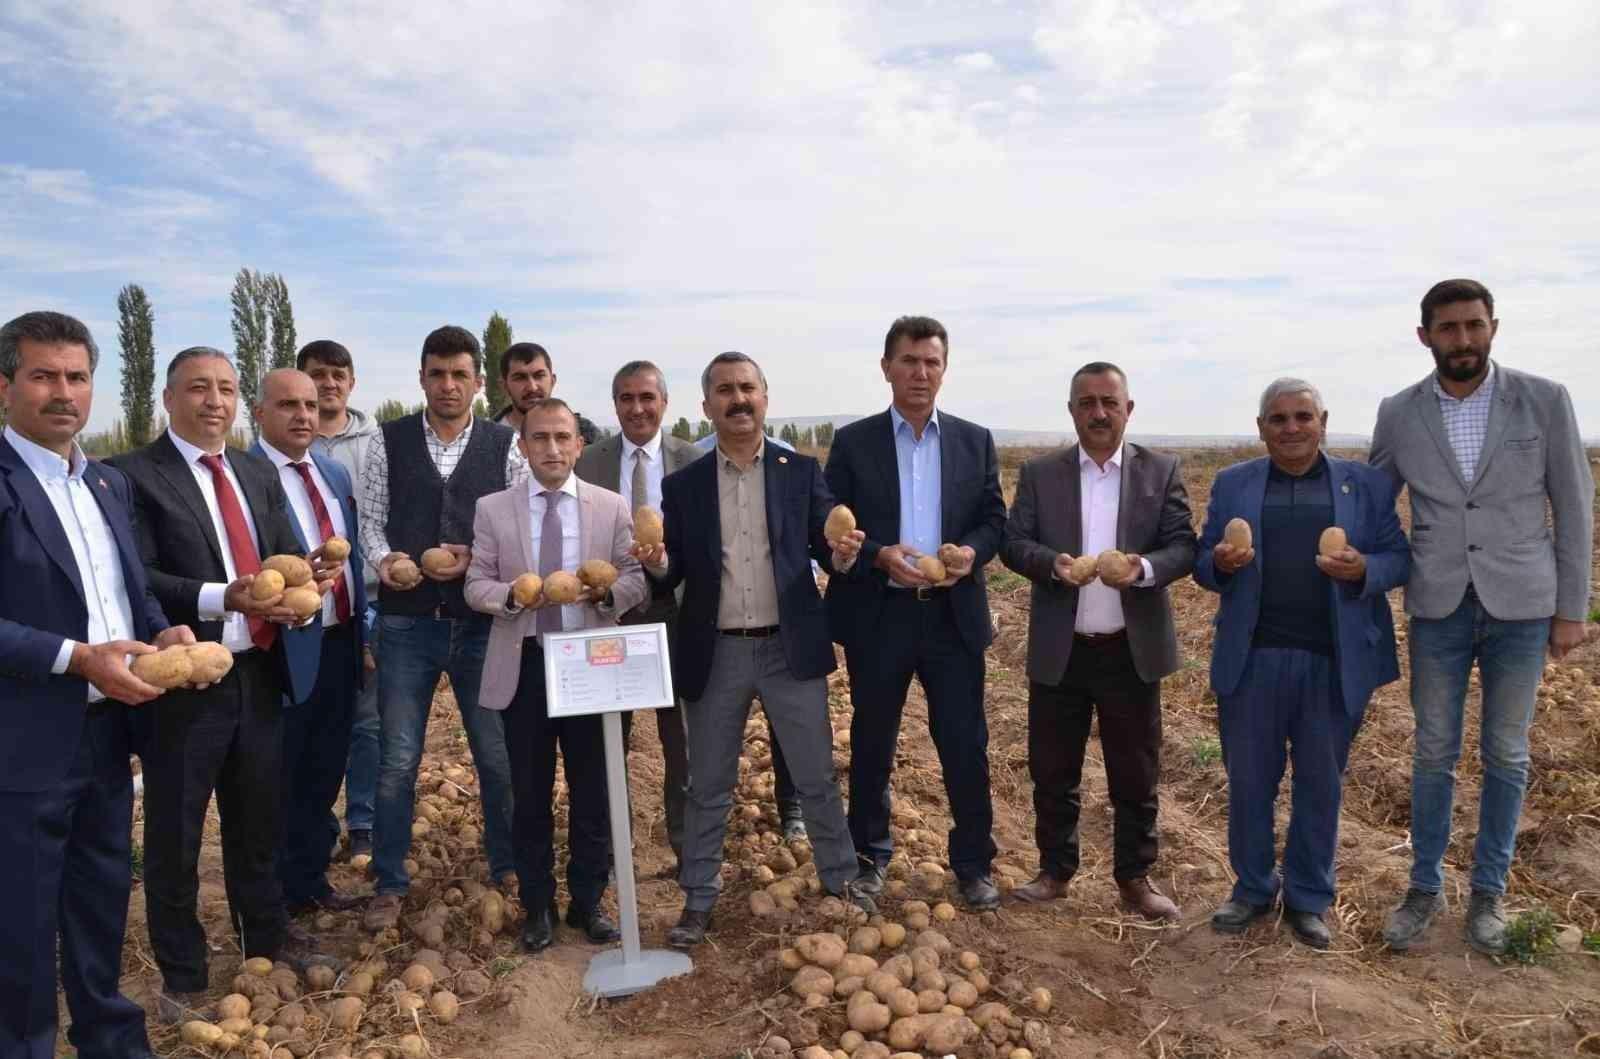 Yerli ve milli patates çiftçilere tanıtıldı